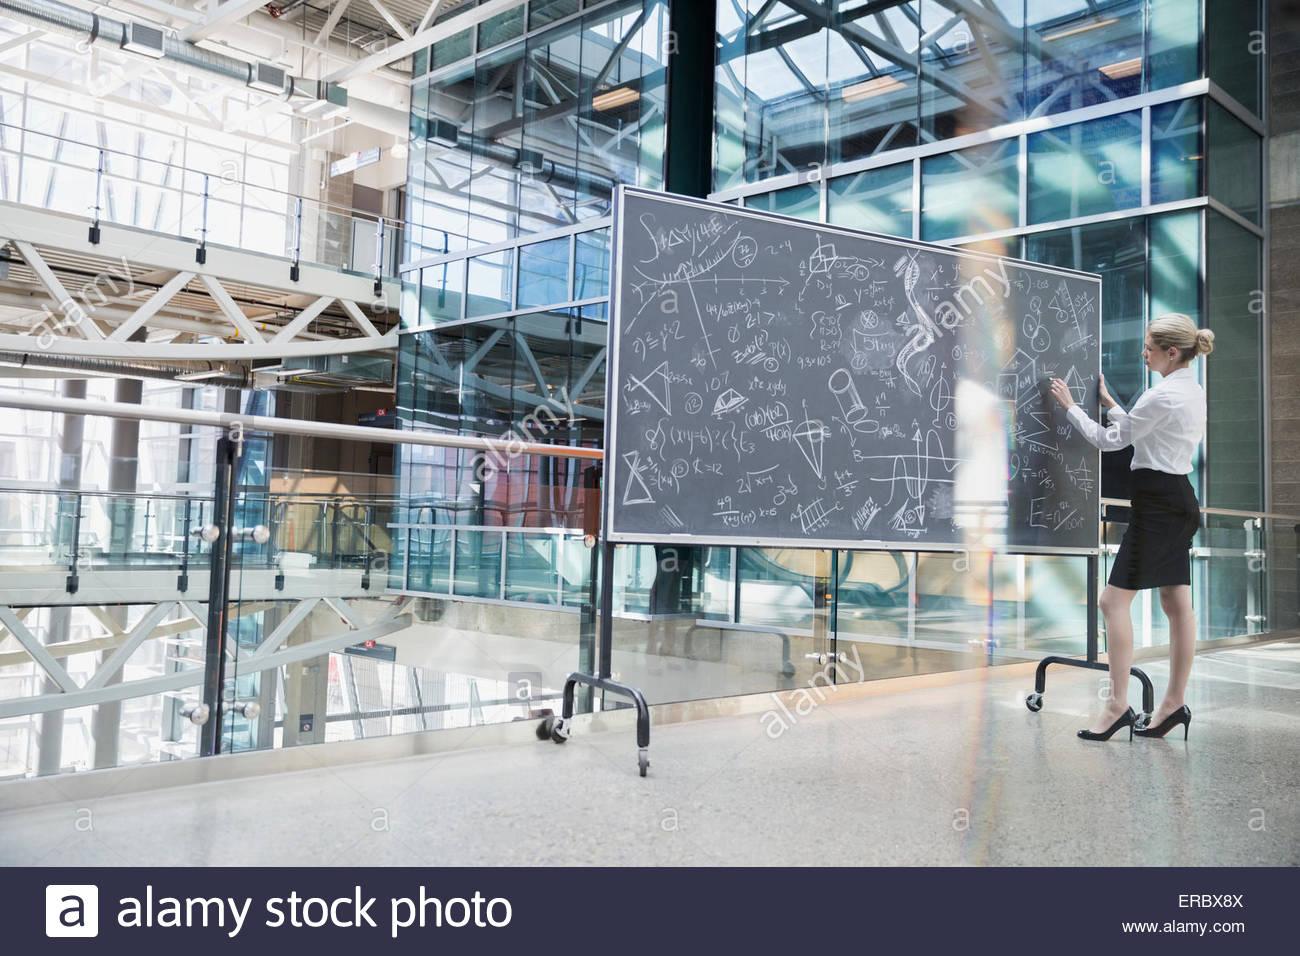 La empresaria escribir ecuaciones complejas en pizarra en atrium Imagen De Stock